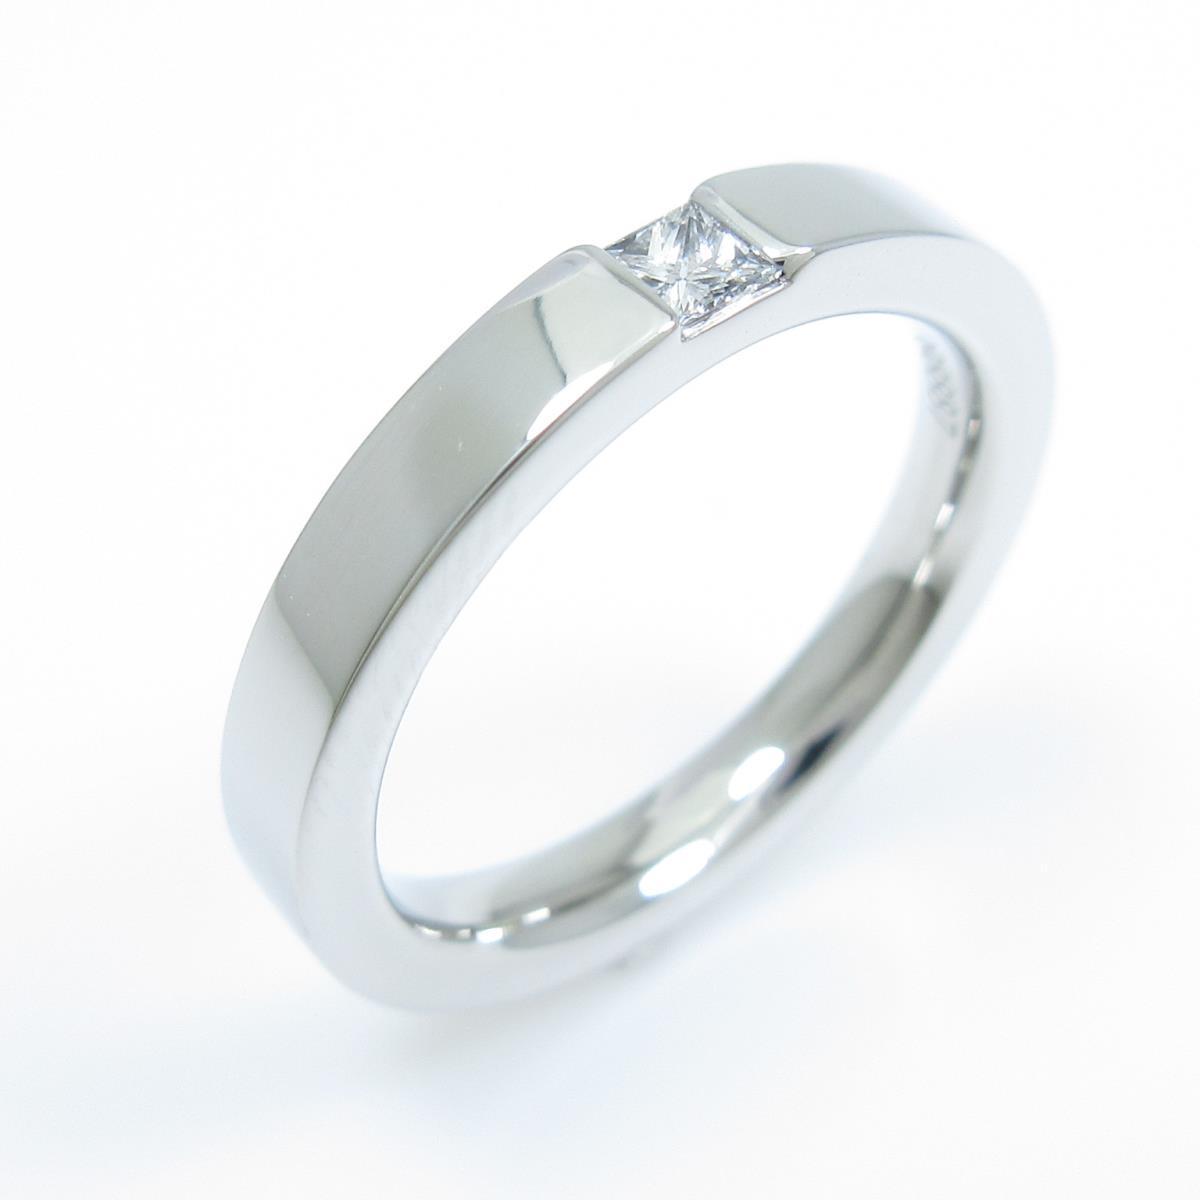 100 %品質保証 ハリーウィンストン ダイヤモンドリング【】, Carnet de Paris カルネドパリ:98bf4fa0 --- newplan.com